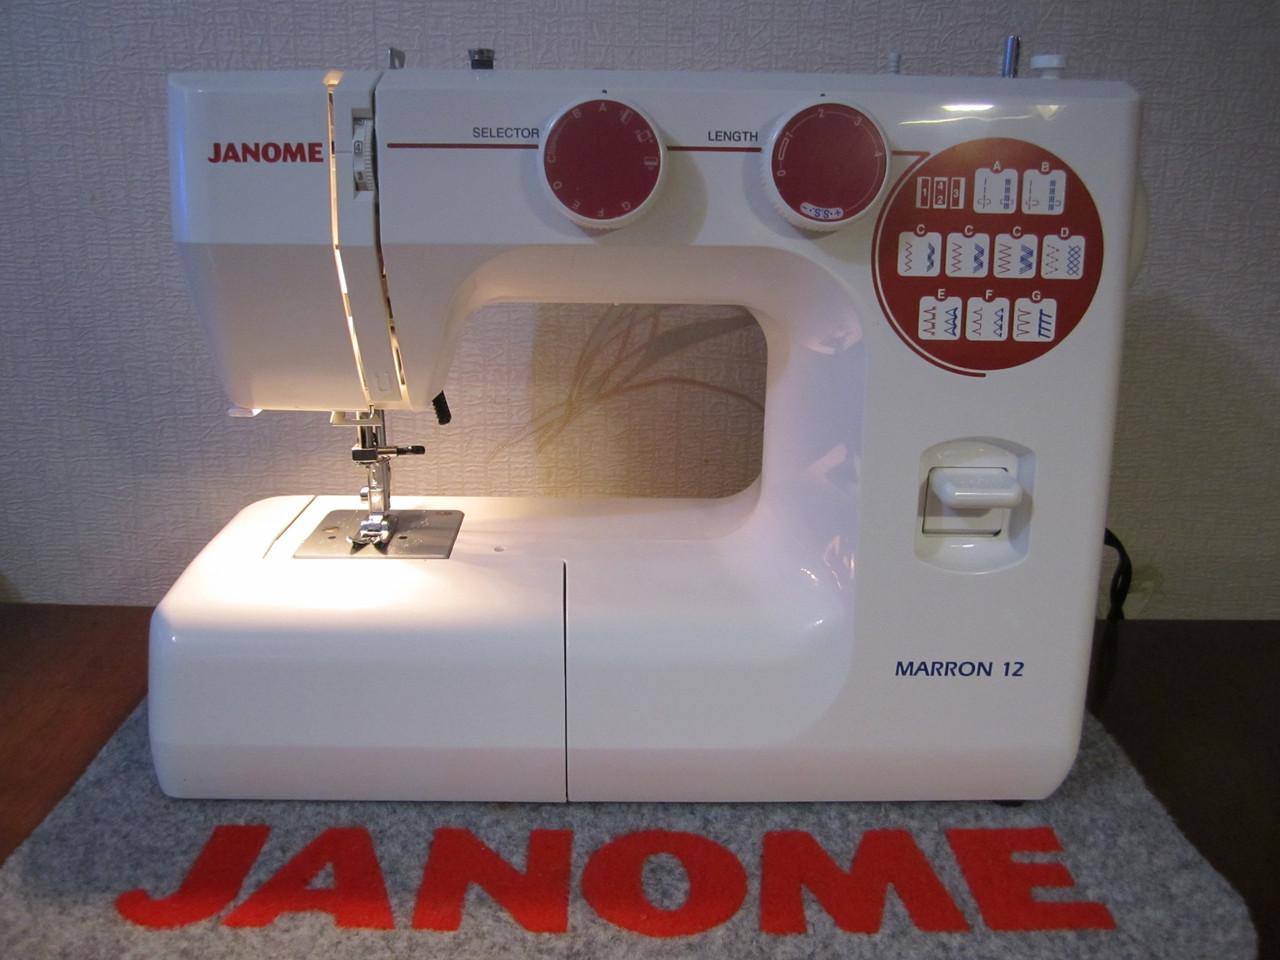 Швейная машинка Janome Marron 12